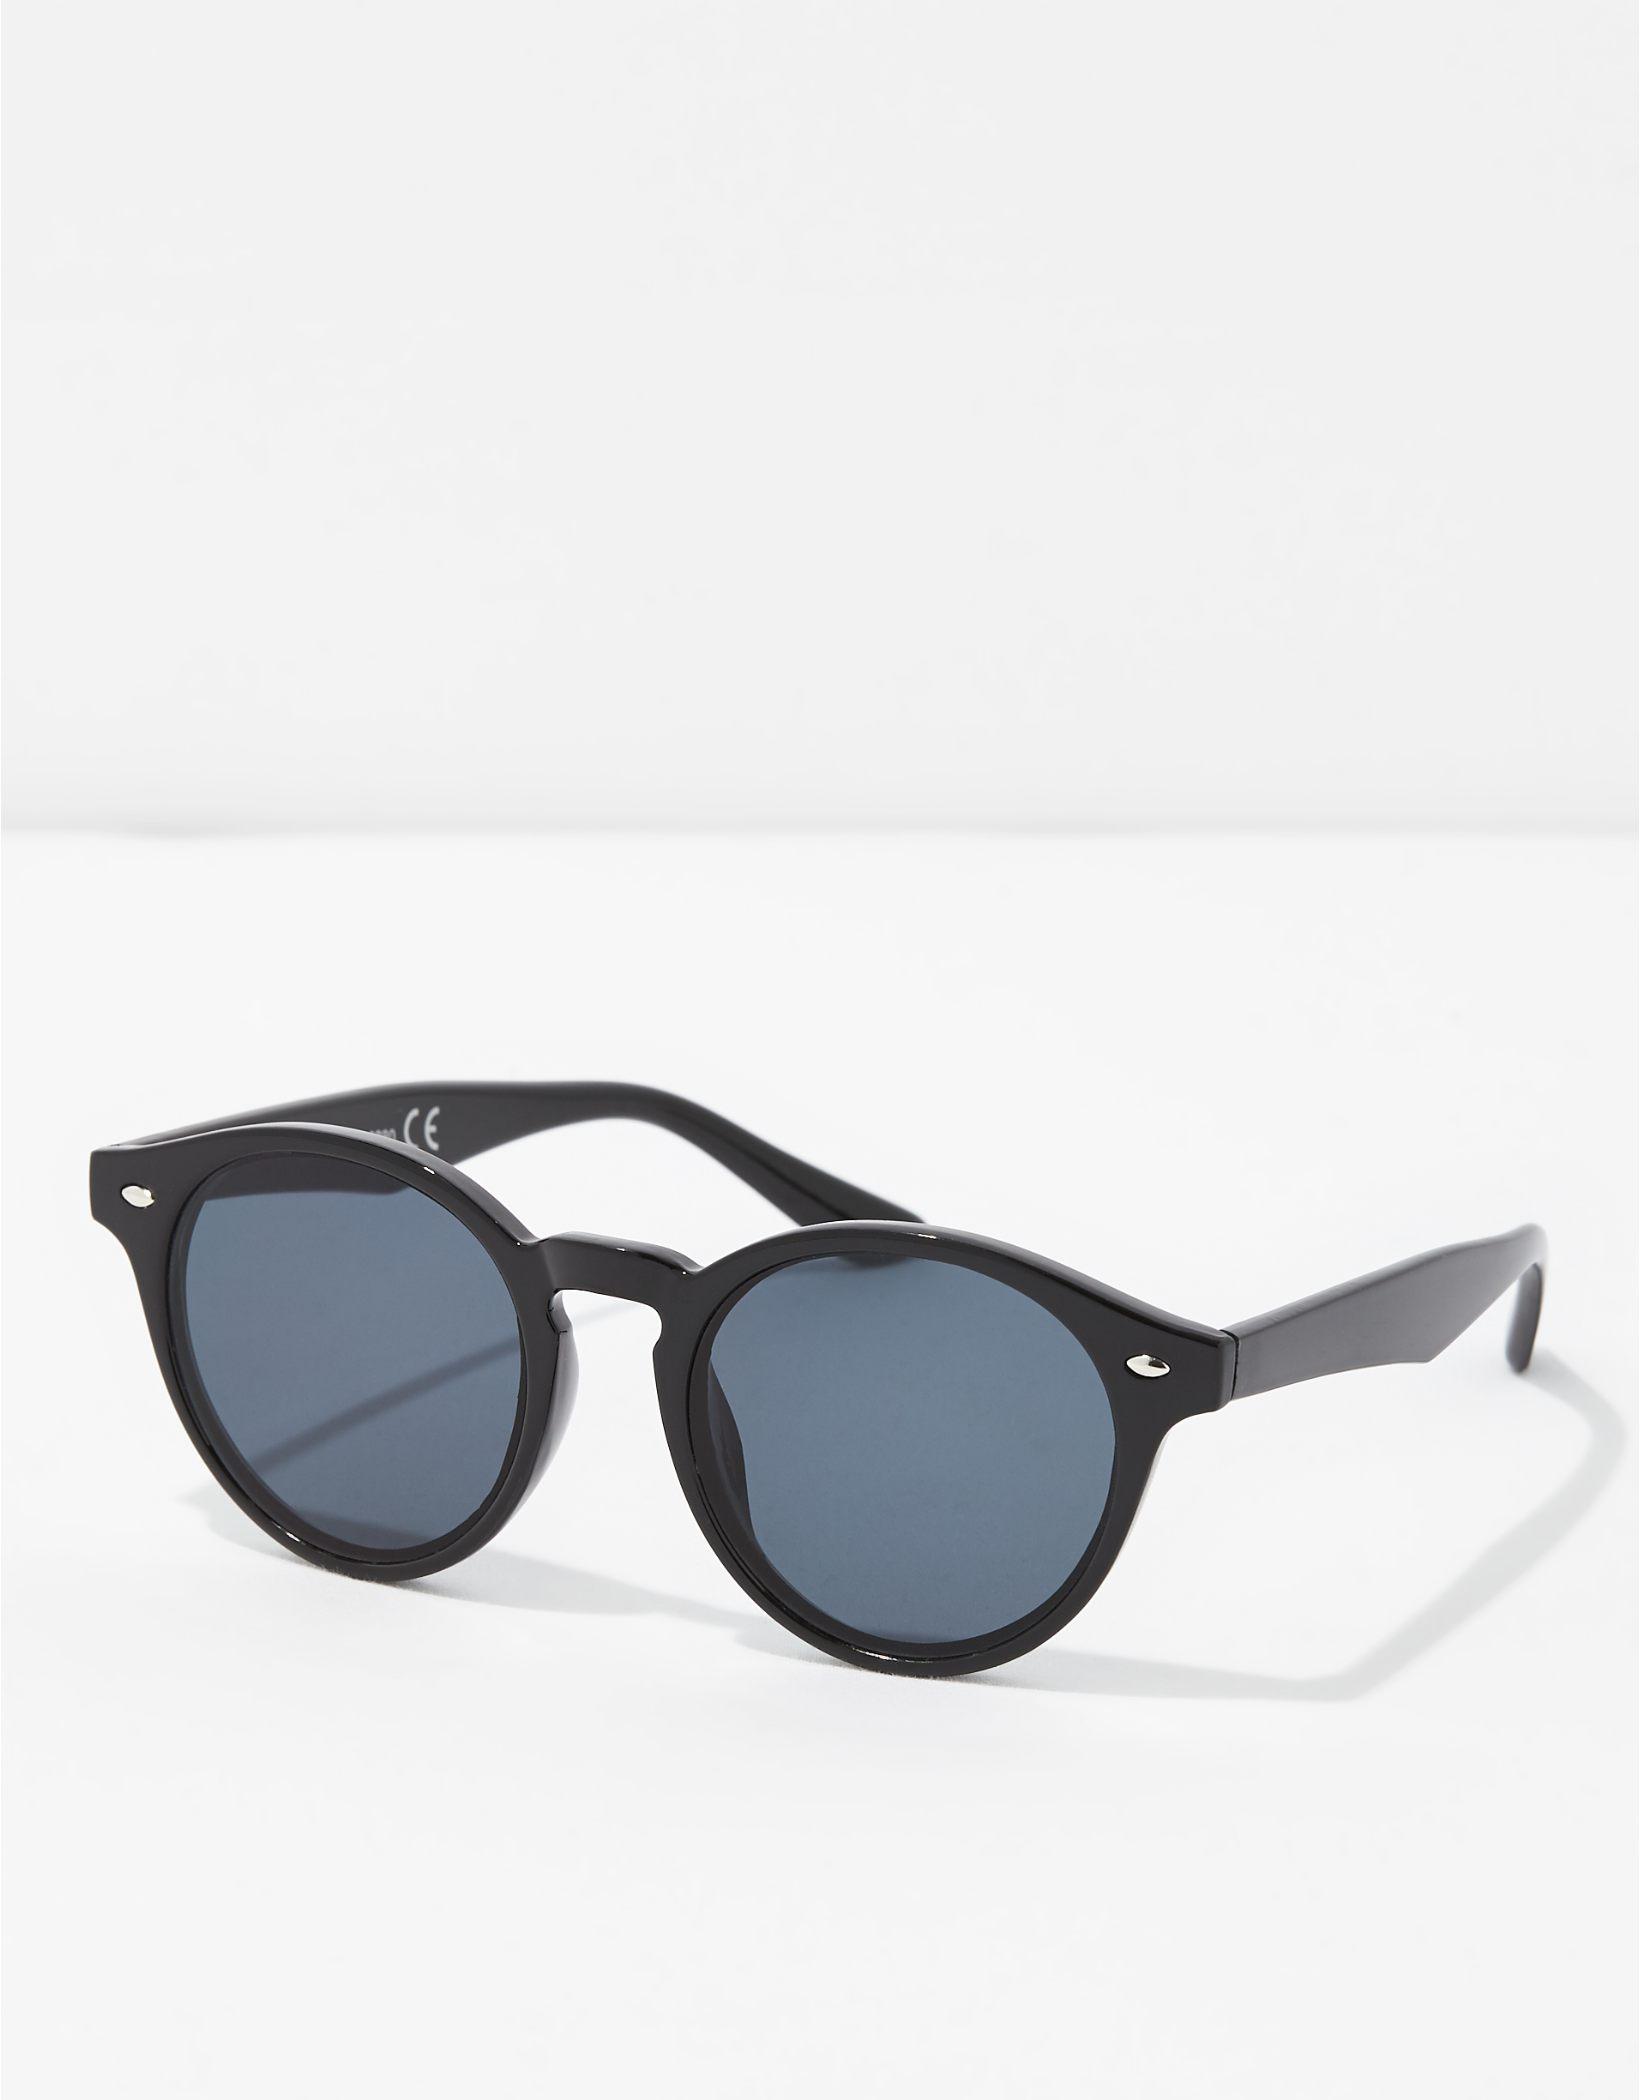 AEO Round Plastic Sunglasses